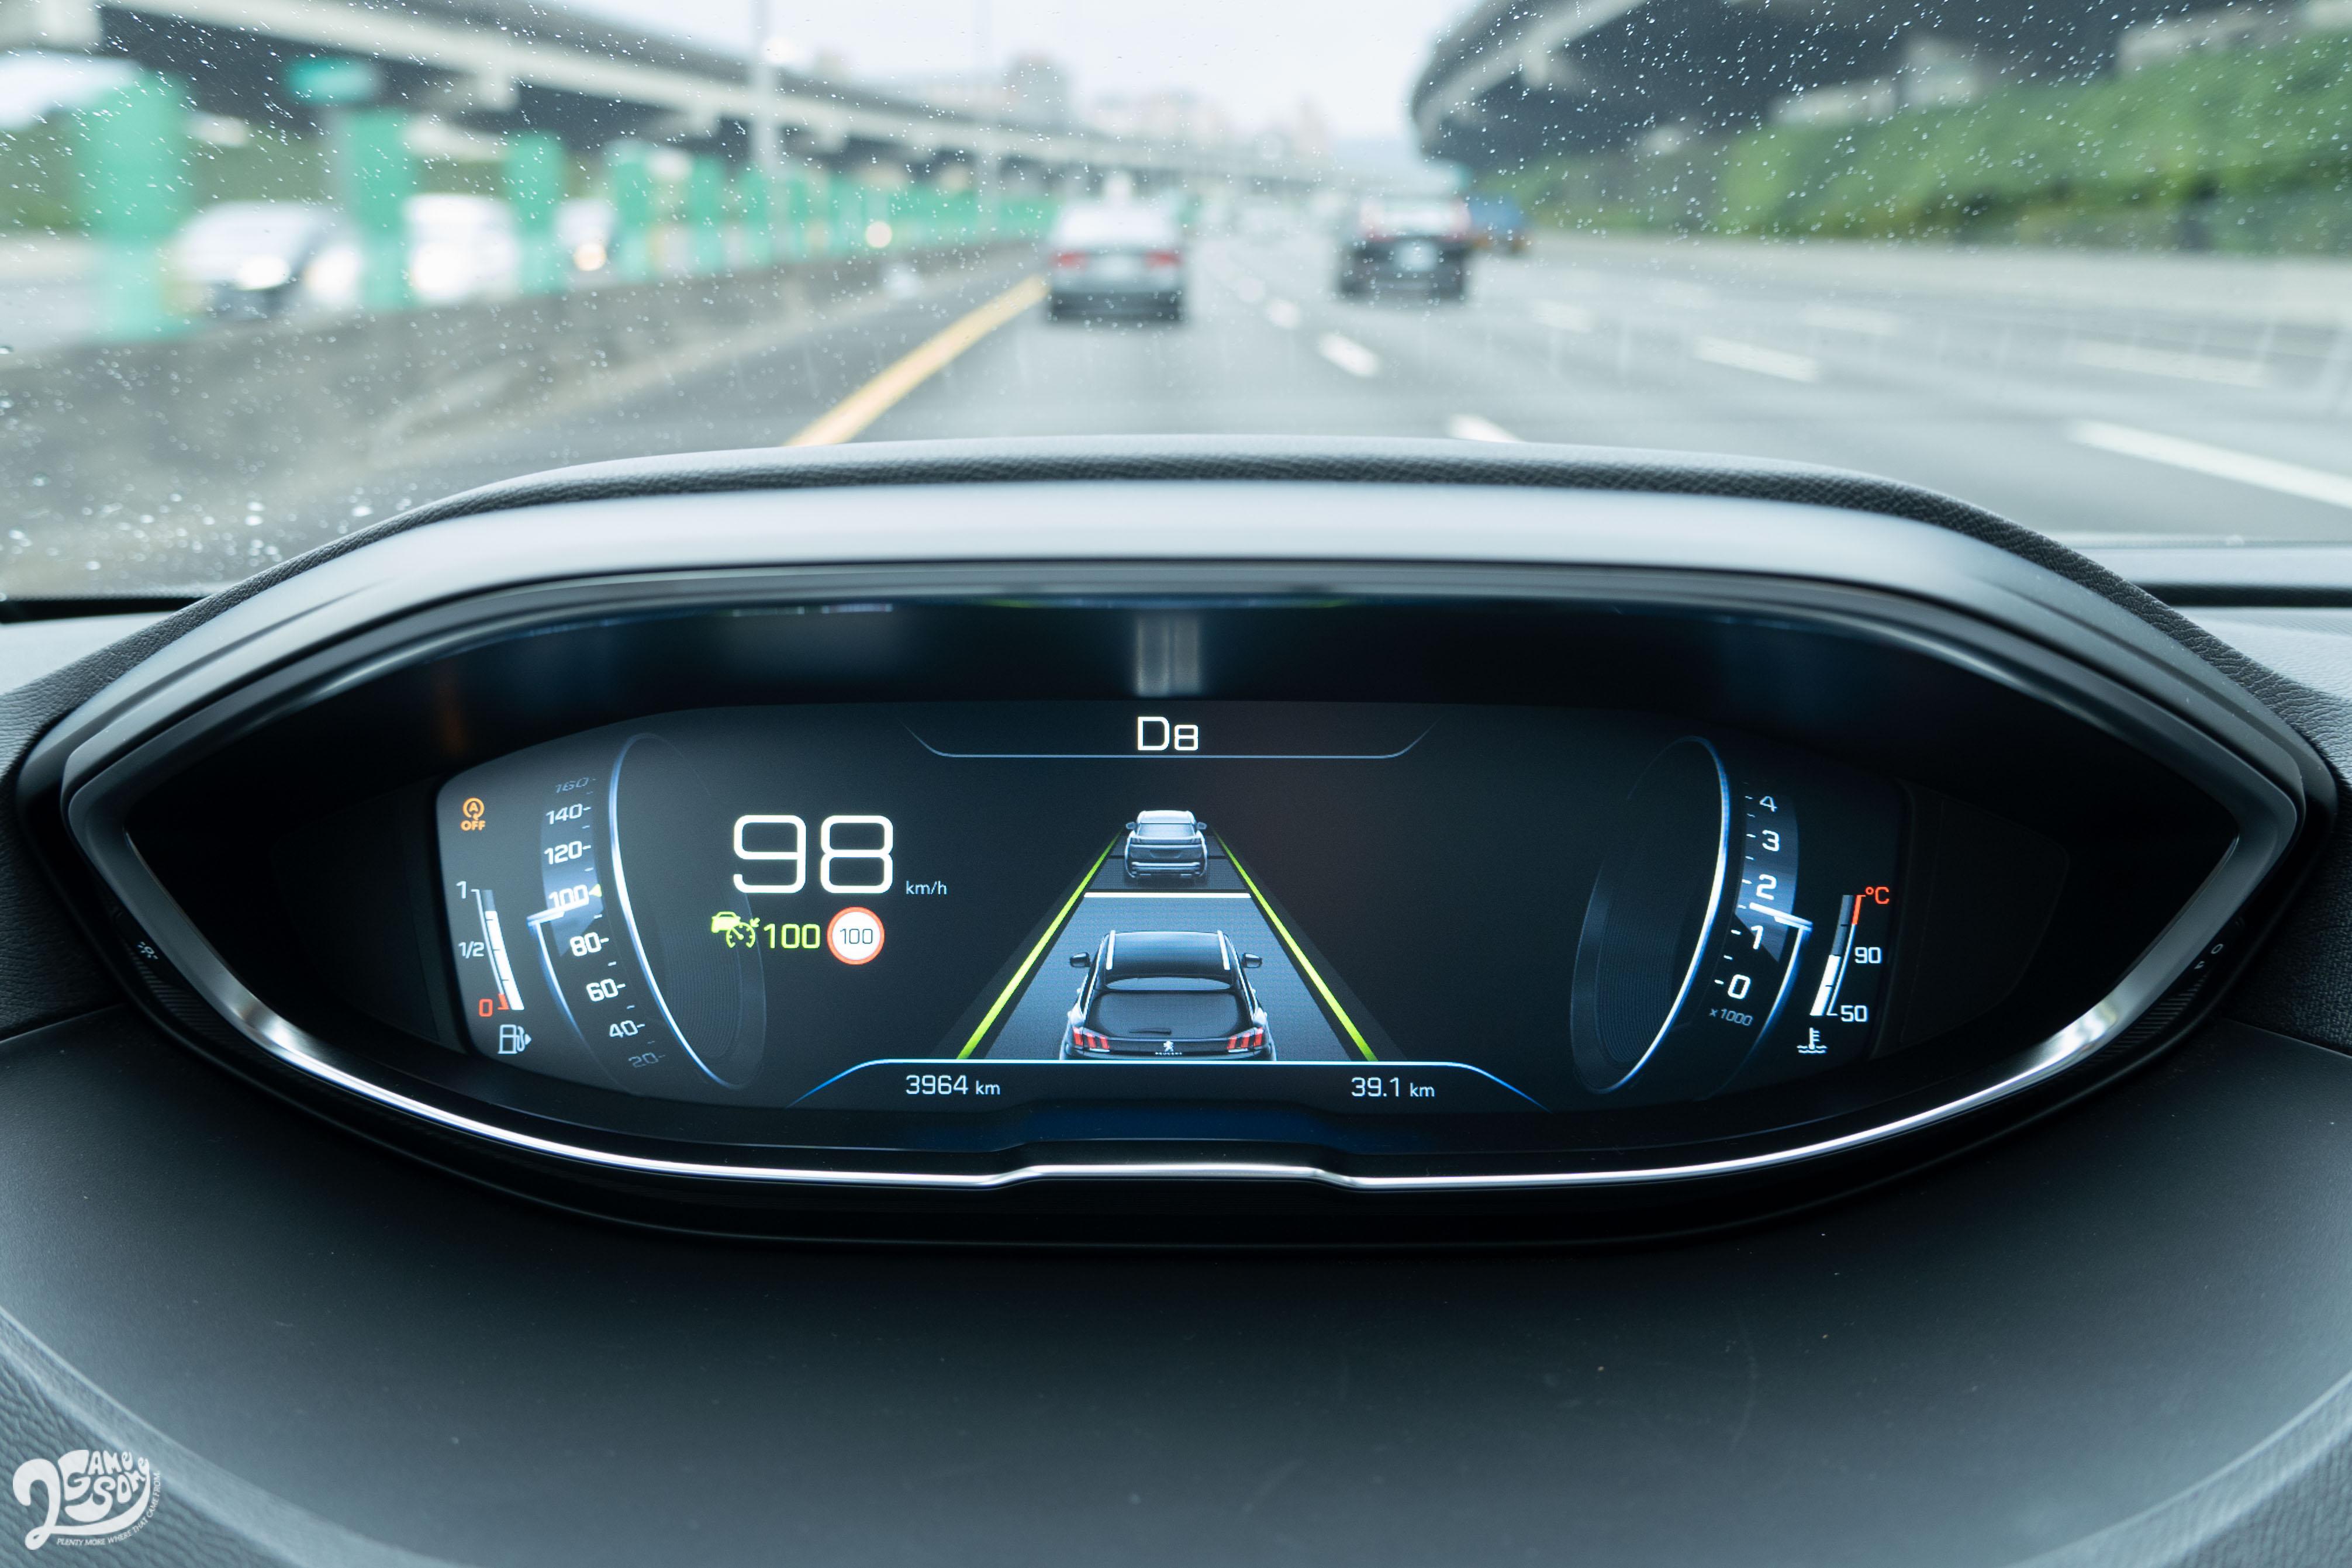 ACC 主動式定速巡航系統、LKA 車道維持系統、SLI 速率掃描辨識系統資訊皆顯示於12.3 吋全數位儀錶。